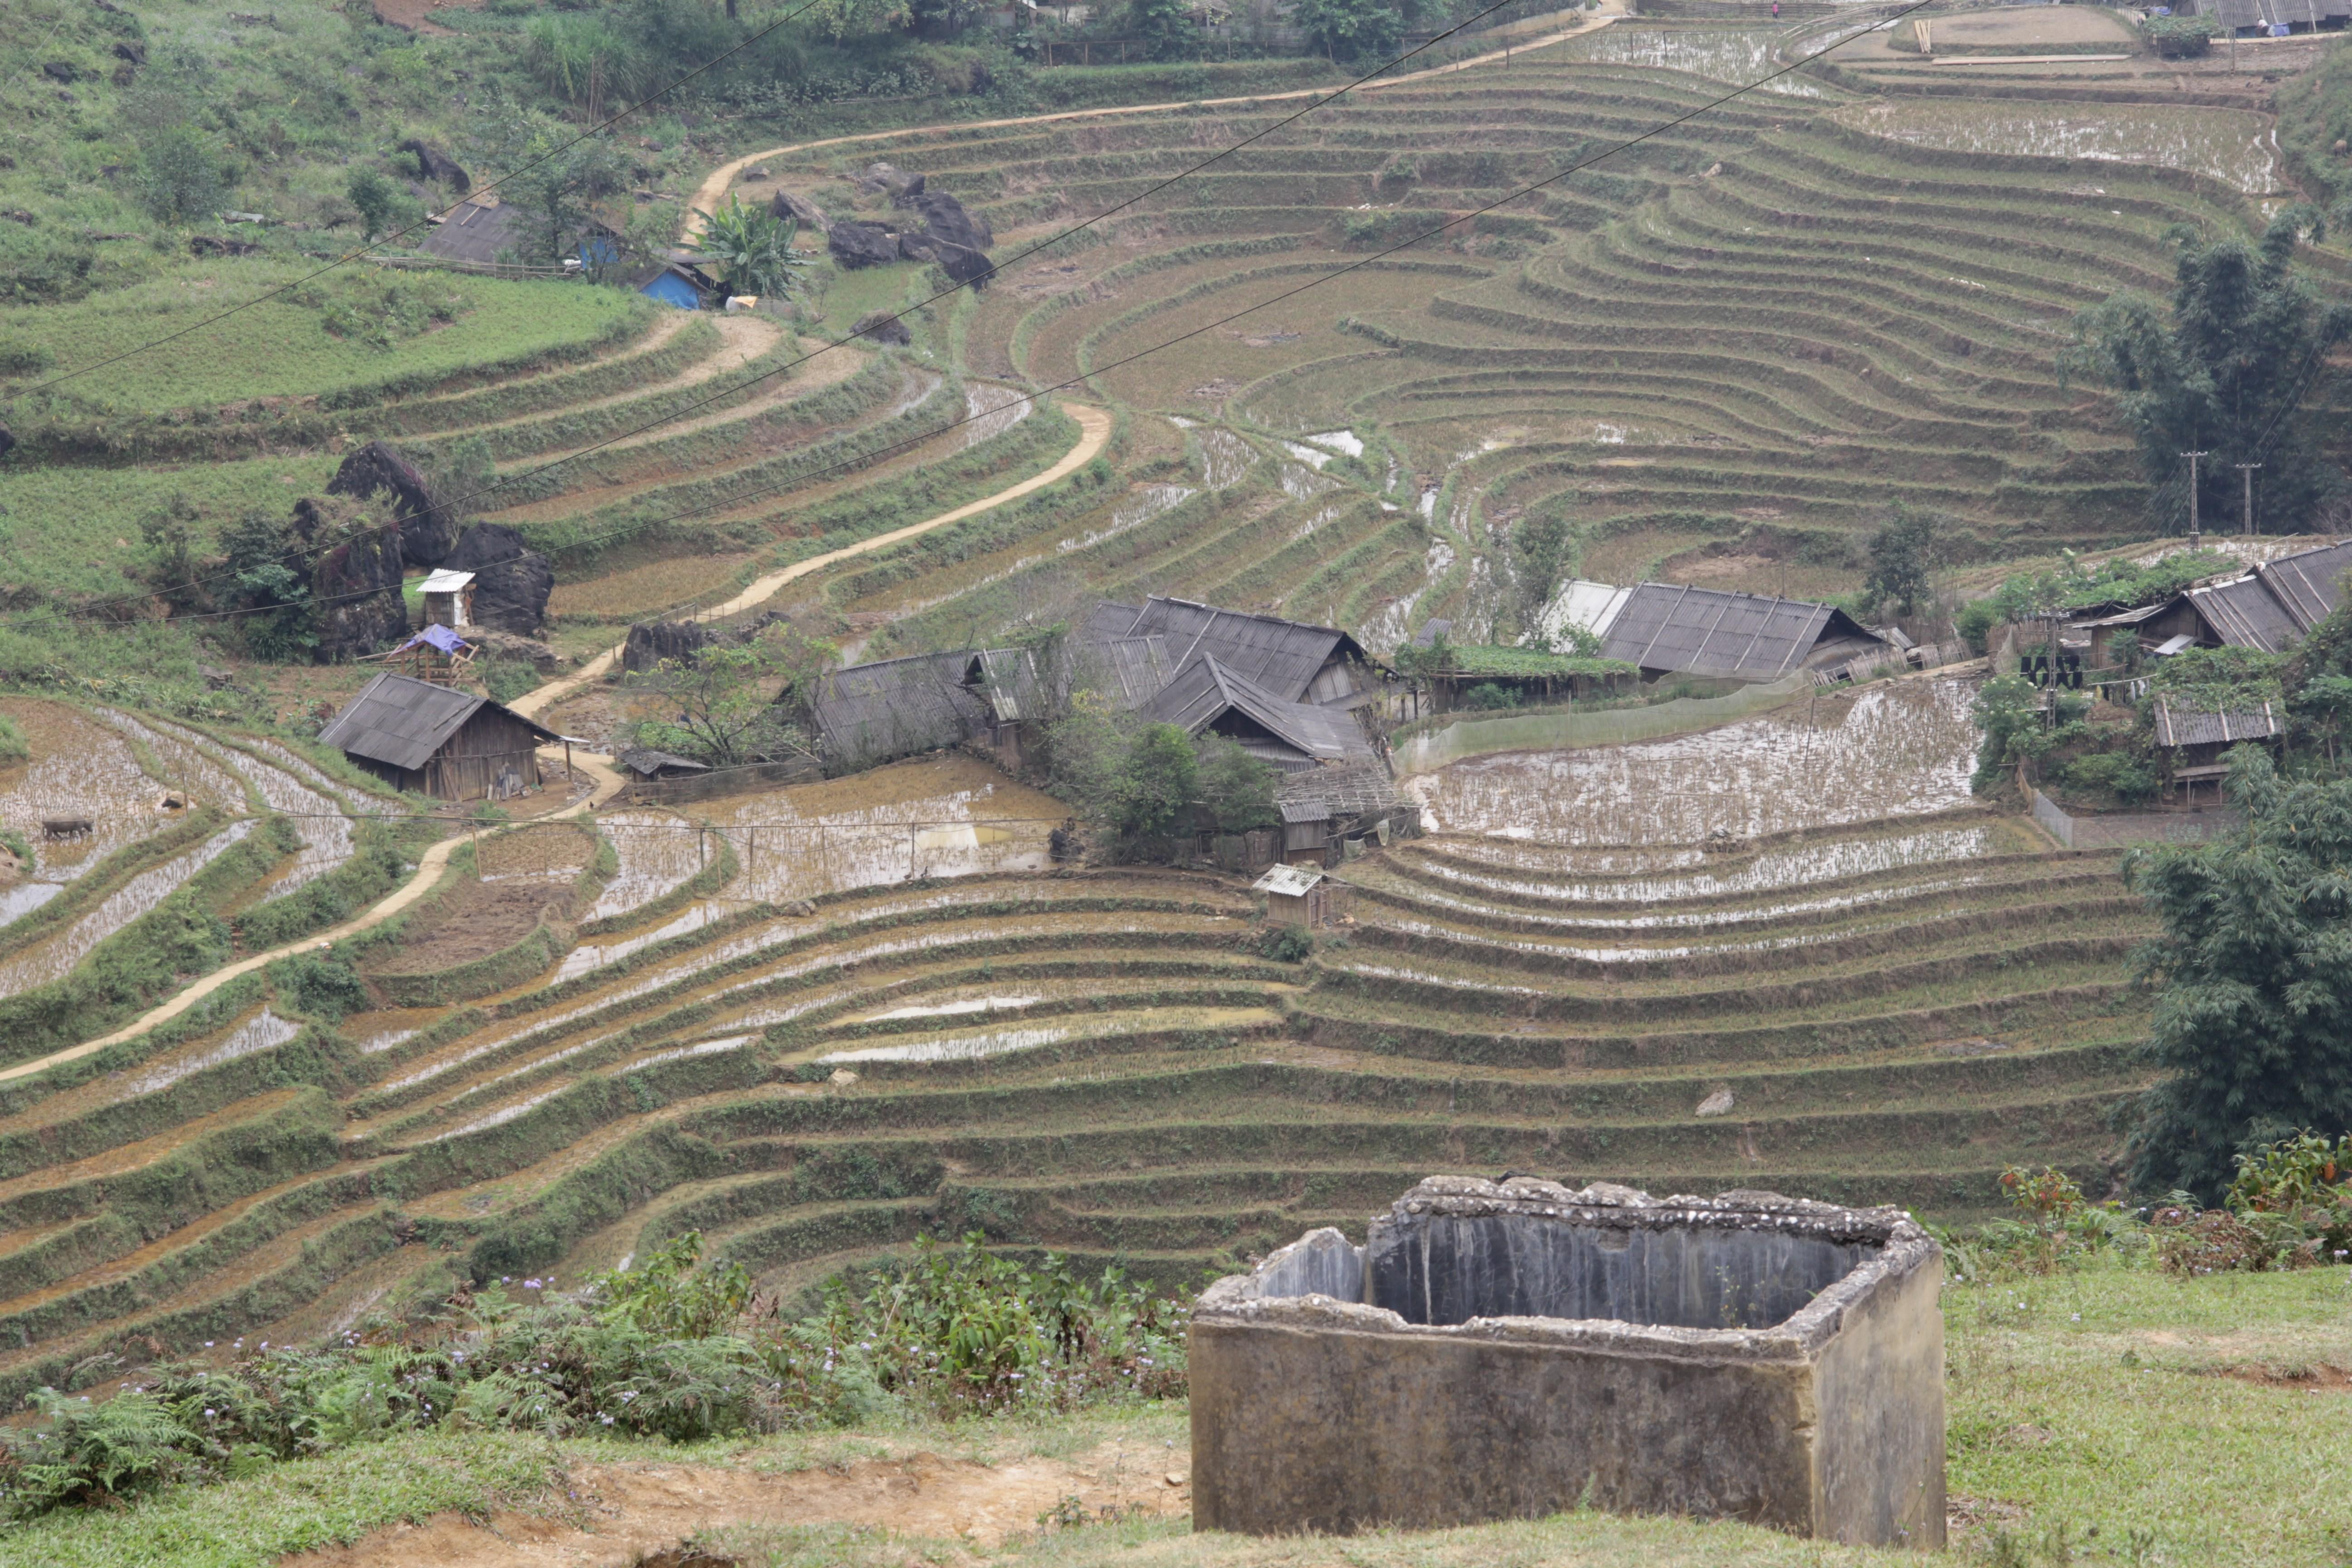 Les rizières épousent les courbes des montagnes.